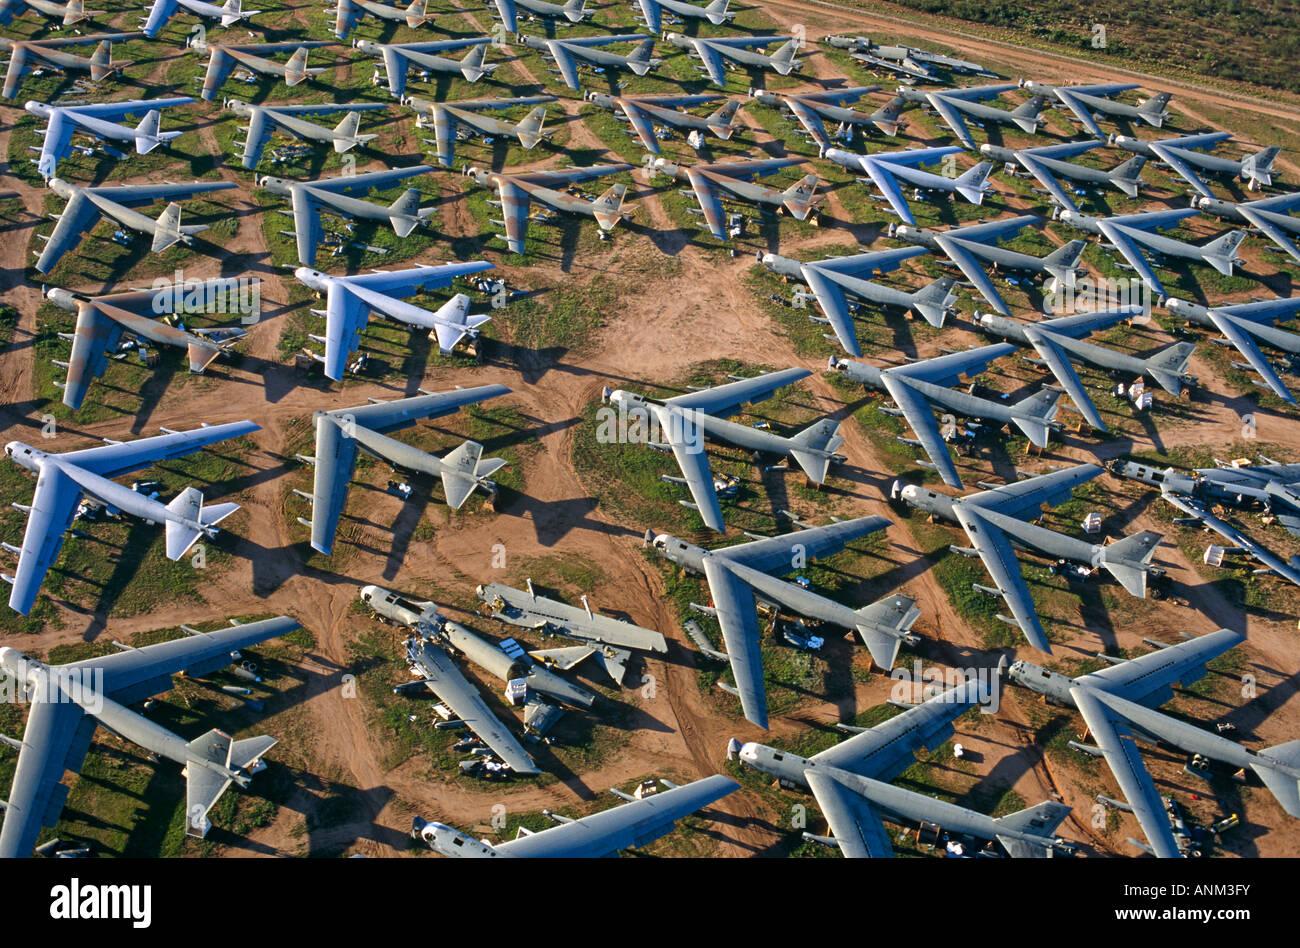 Guerra Fría bombarderos B-52 de la Fuerza Aérea estadounidense yacen abandonados en Davis Monthan cementerio Imagen De Stock